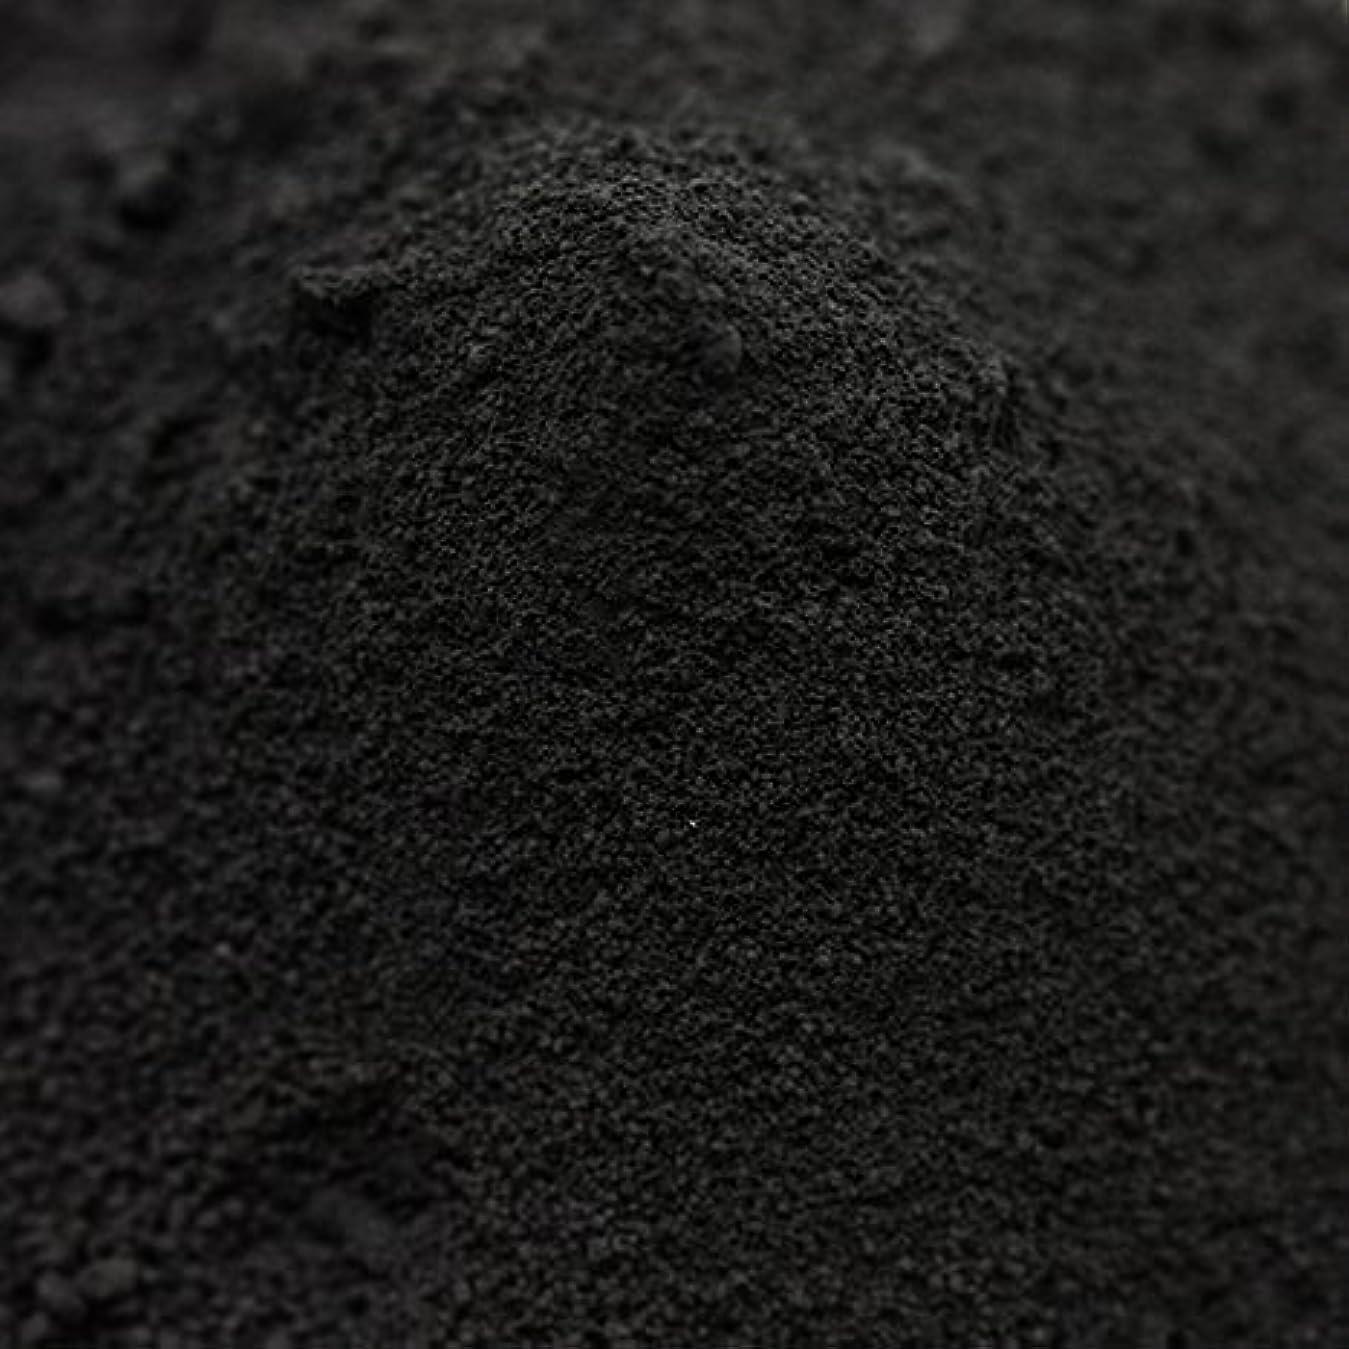 ケントミケランジェロペンフレンド竹炭パウダー(超微粉末) 100g 【手作り石鹸/手作りコスメに】